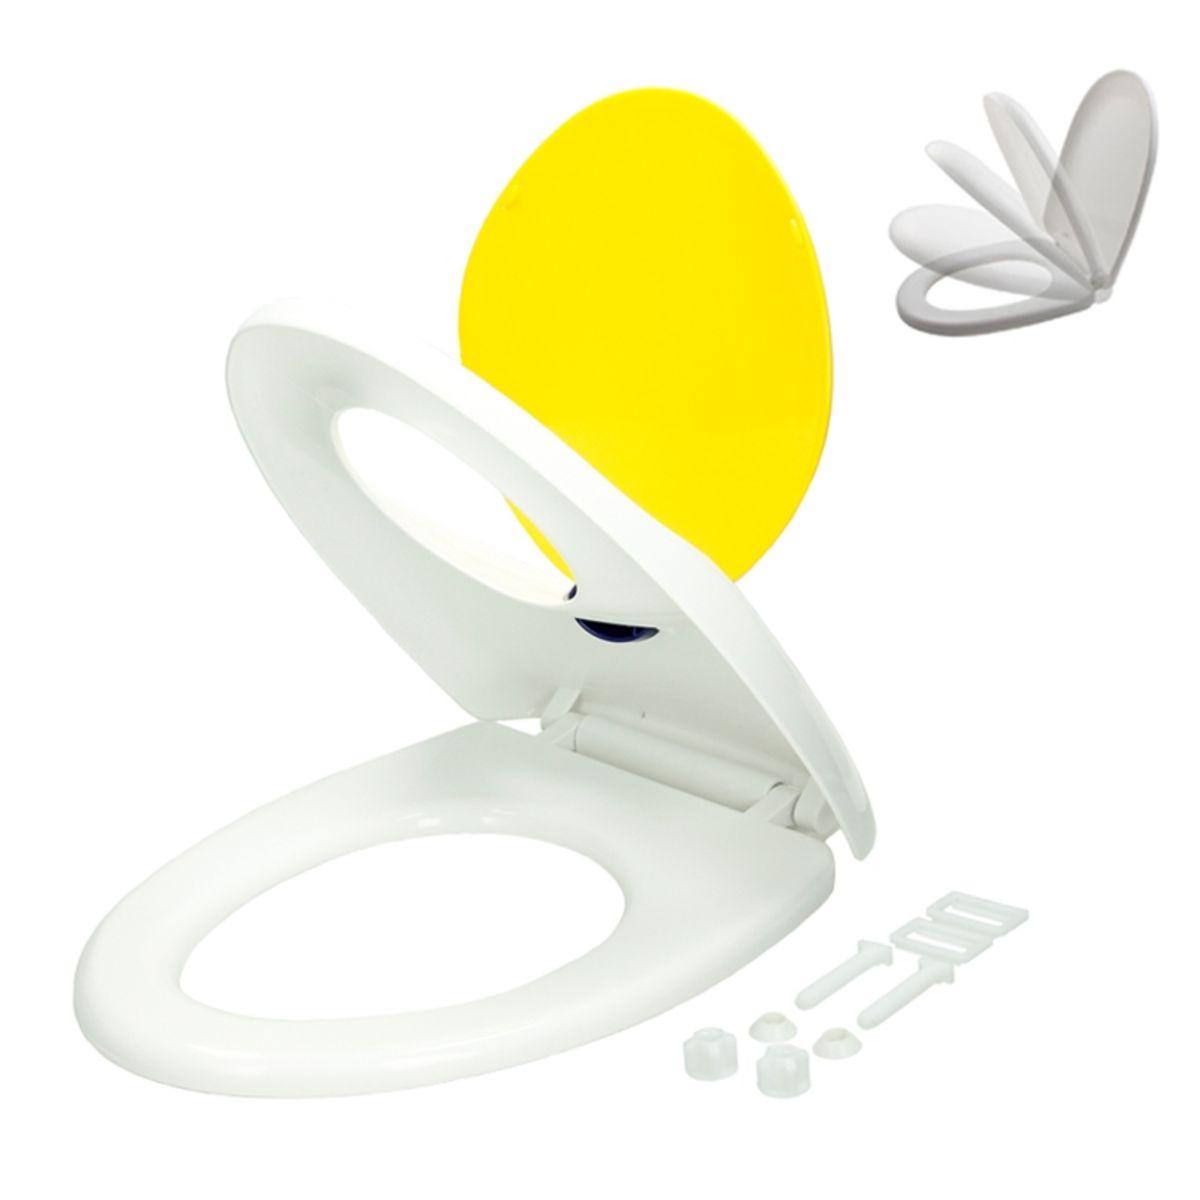 abattant wc siege couvercle de toilette universel lunettes blanc noir duroplast ebay. Black Bedroom Furniture Sets. Home Design Ideas